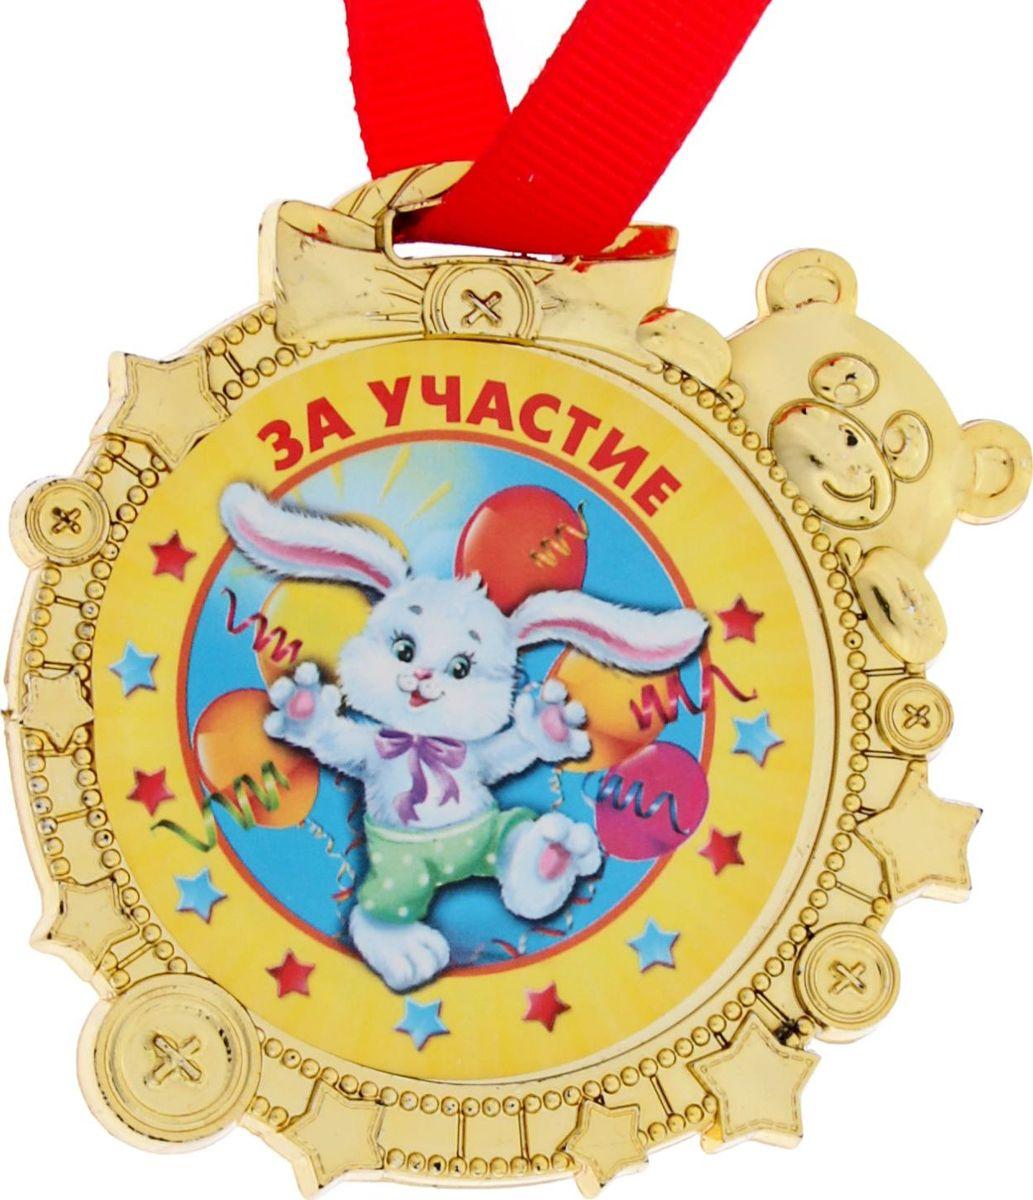 Медаль сувенирная За участие, 6,9 х 6,9 см1866883Красочная медаль золотого цвета для награждения детишек во время проведения соревнований, конкурсов и утренников подвигнет ребят на достижение новых высот! Награда дополнена яркой лентой, позволяющей сразу повесить изделие на шею ребёнка. Преподносится на красочной подложке.